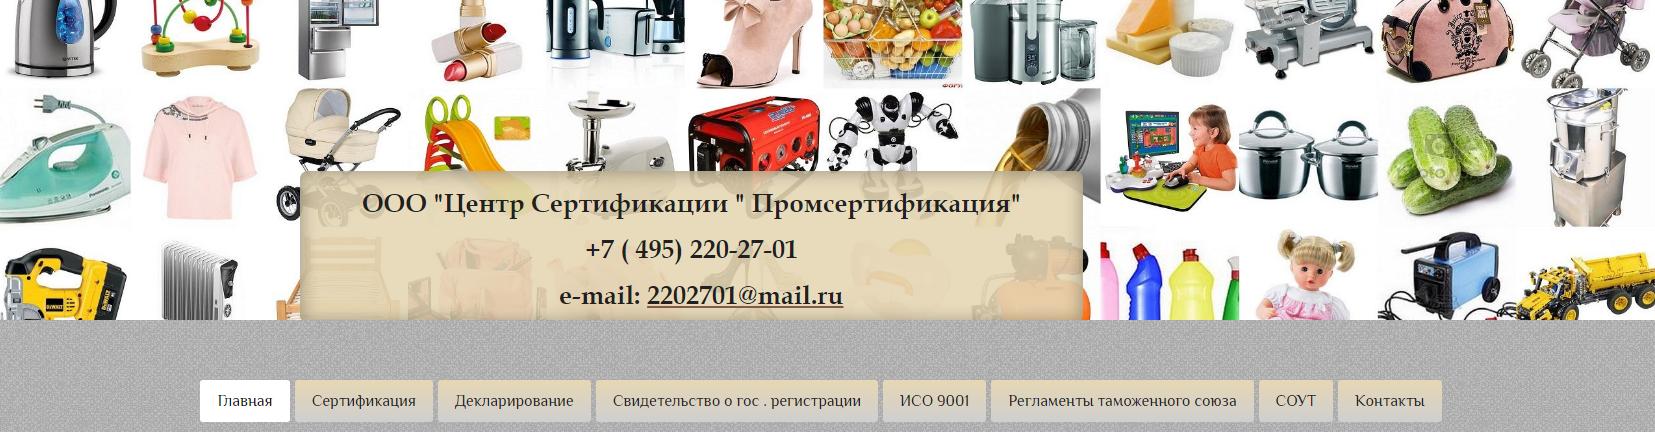 Регистрация БАД - Таможенный Союз - фото для статьи